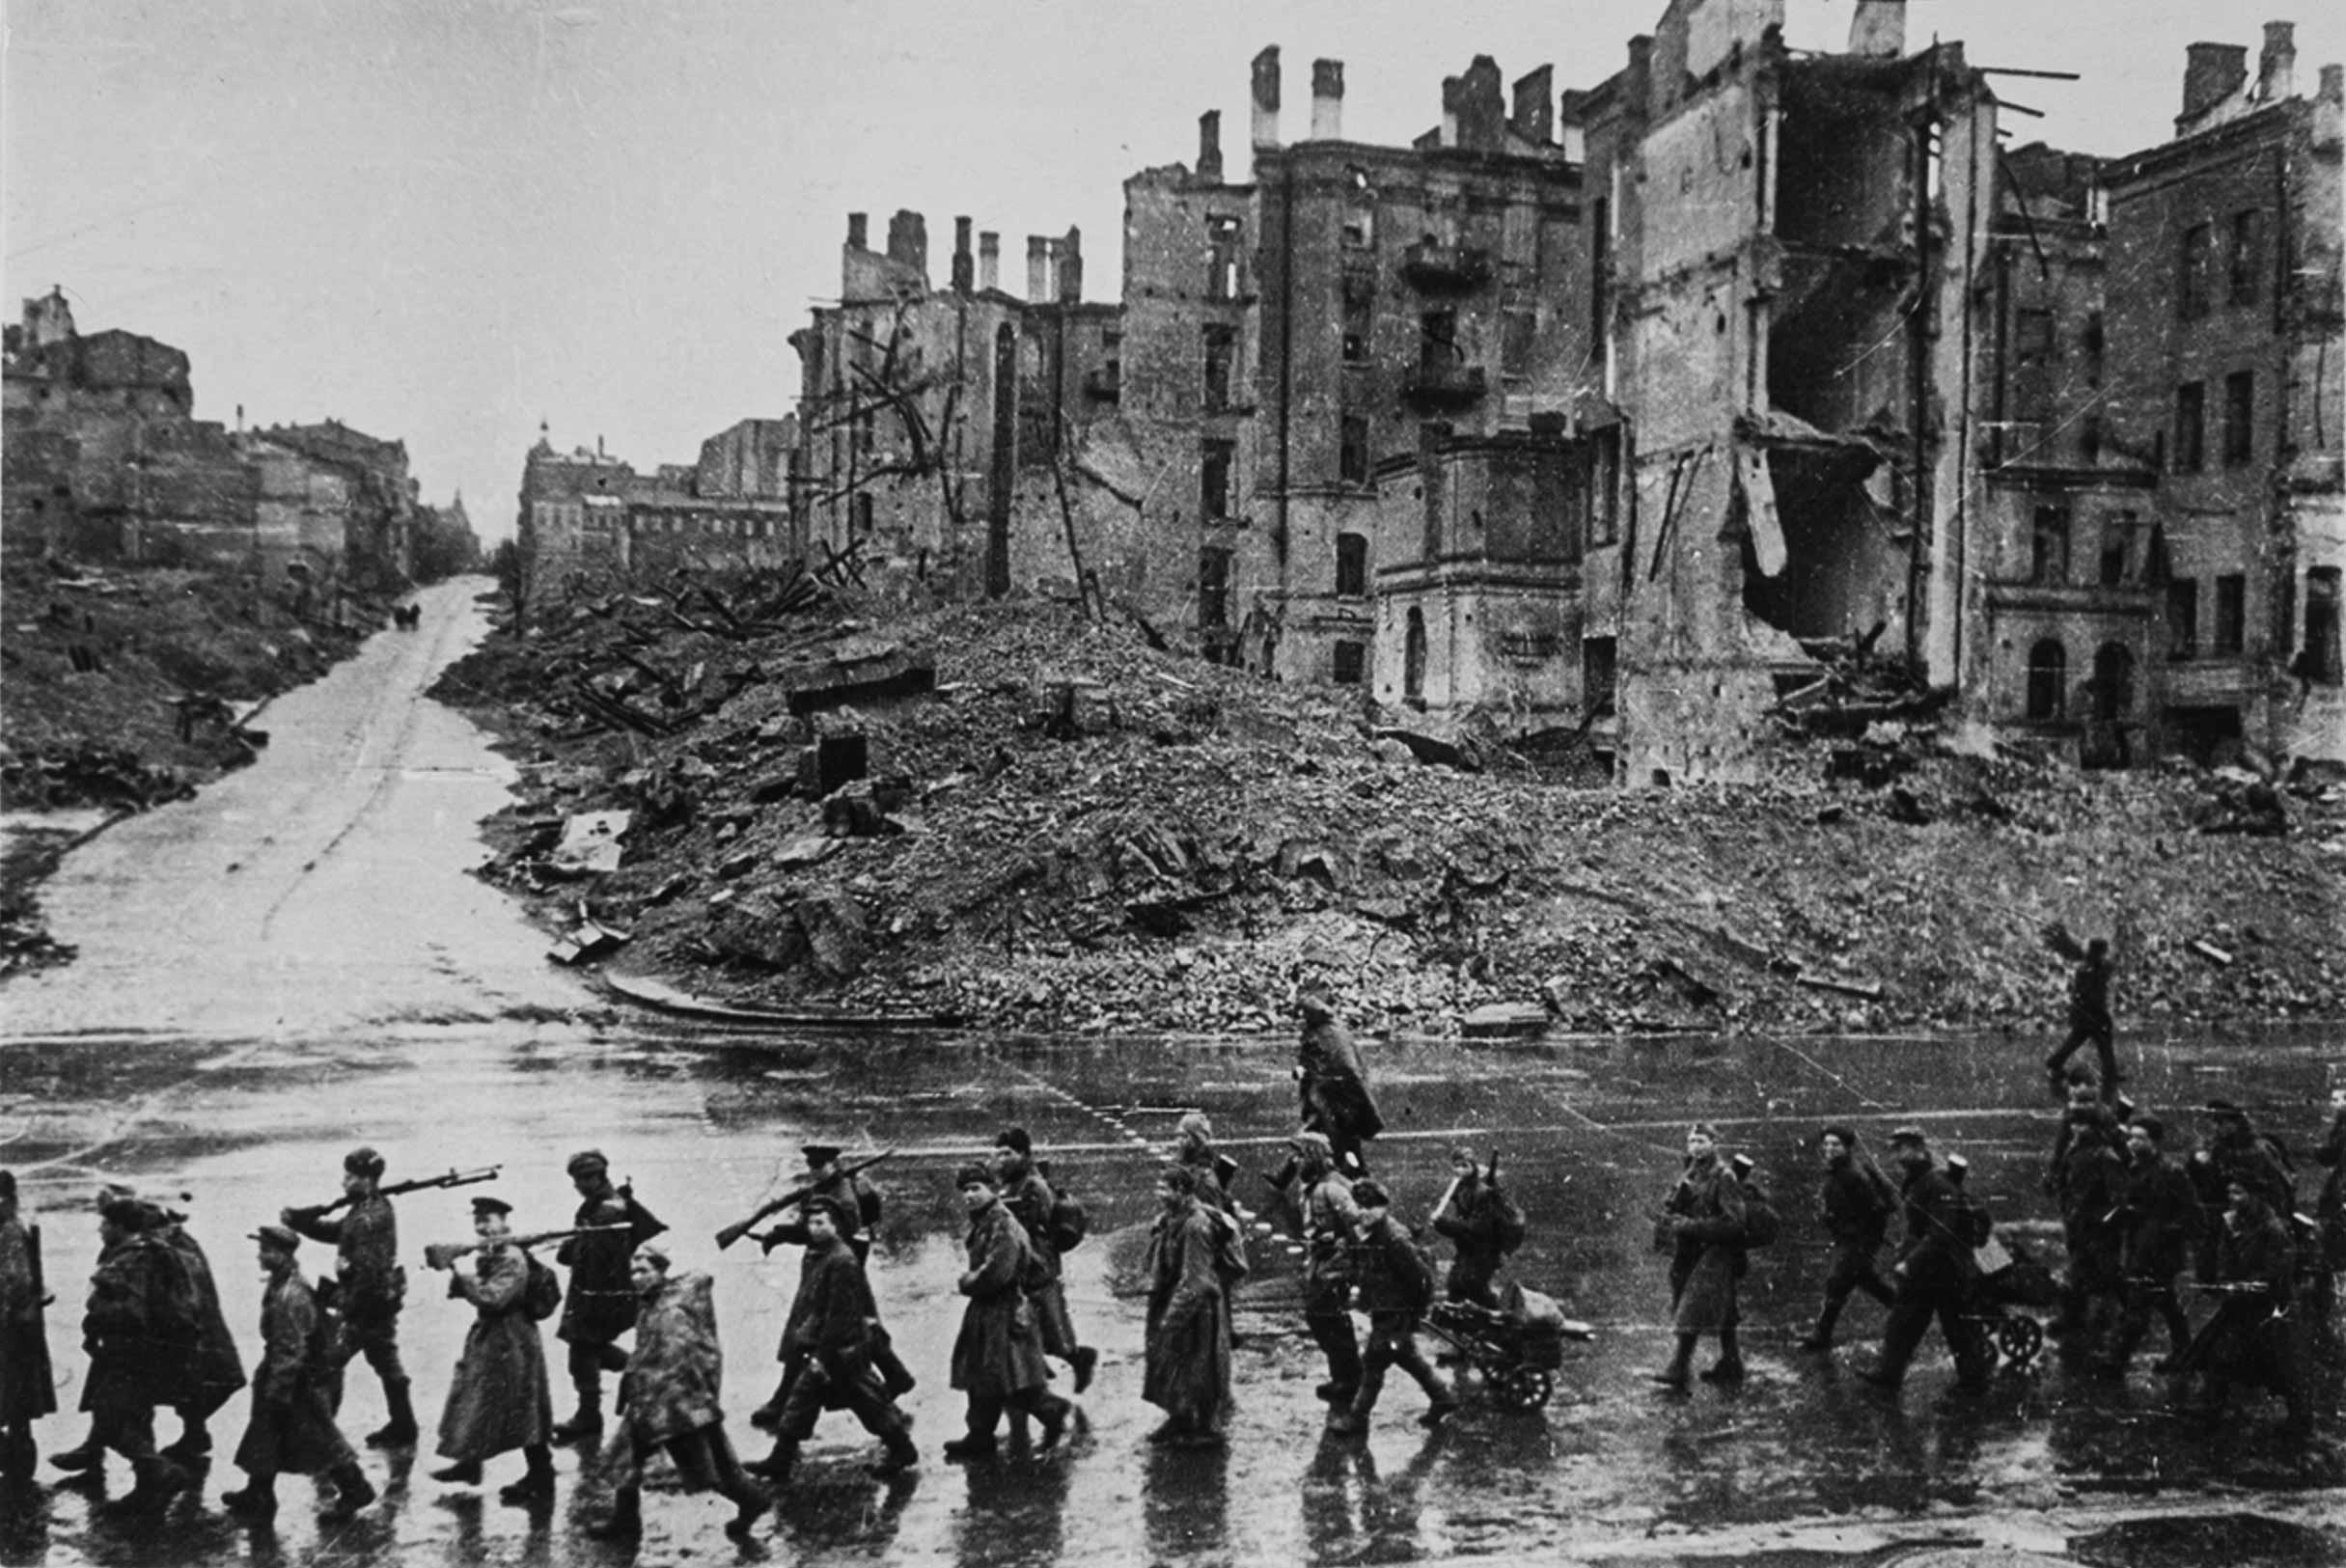 kiev 1943 - <b>Забута архітектура 1930-х.</b> Що варто знати про міжвоєнні проєкти у Києві - Заборона